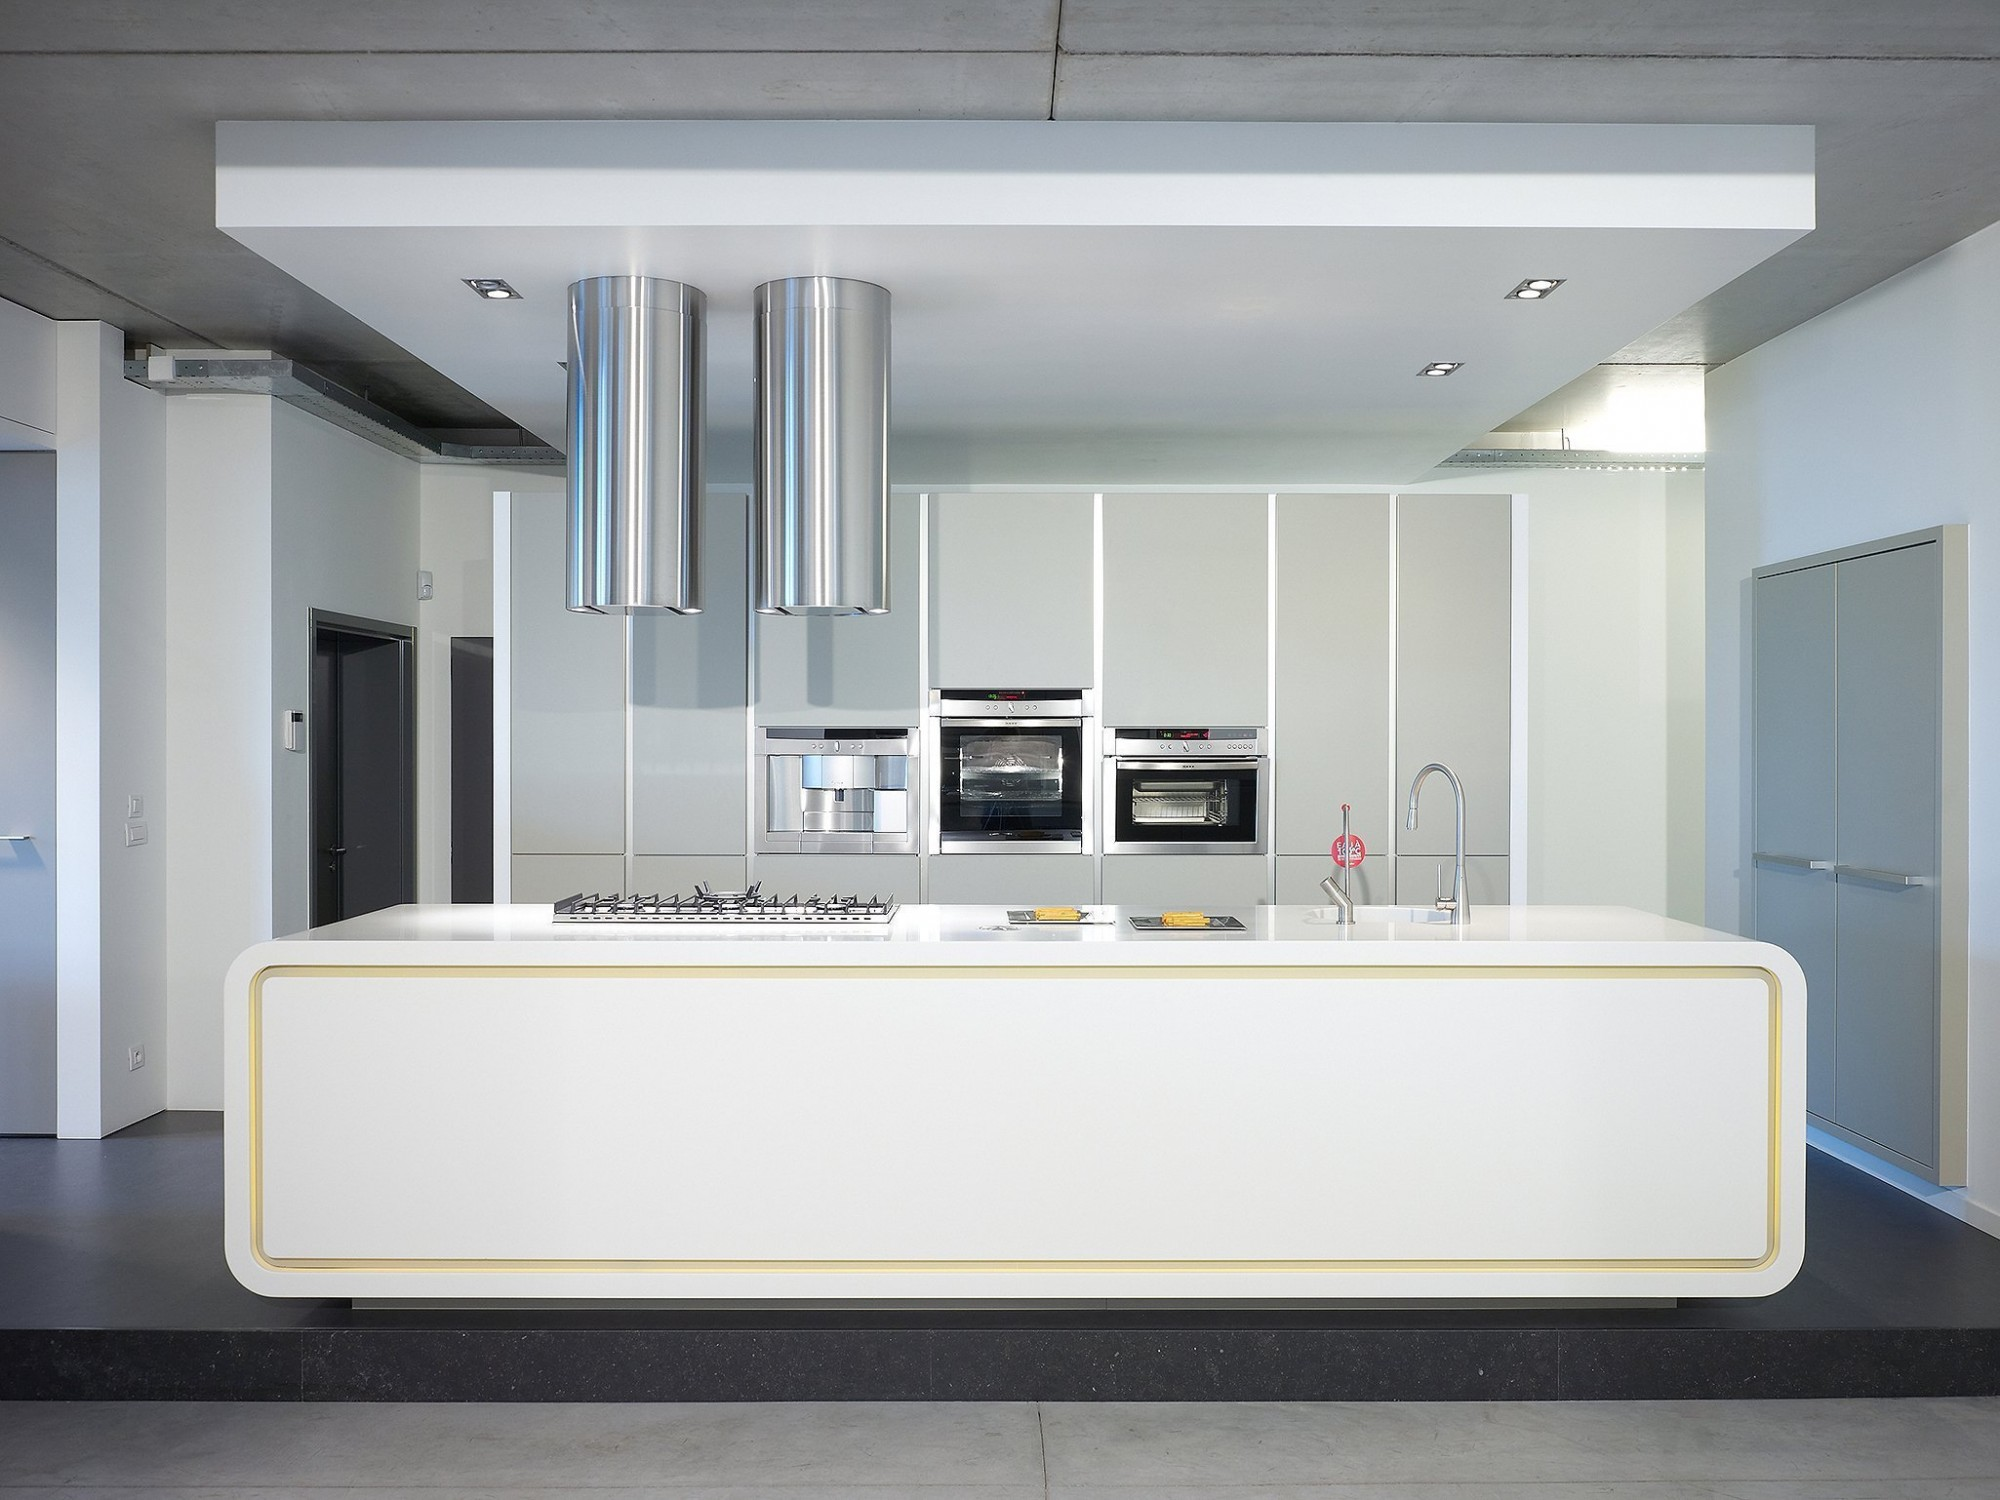 Afbeelding: Fotografie interieur keuken, toonzaal © Jansen keukens,  fotografie keukens Foto Van Huffel.